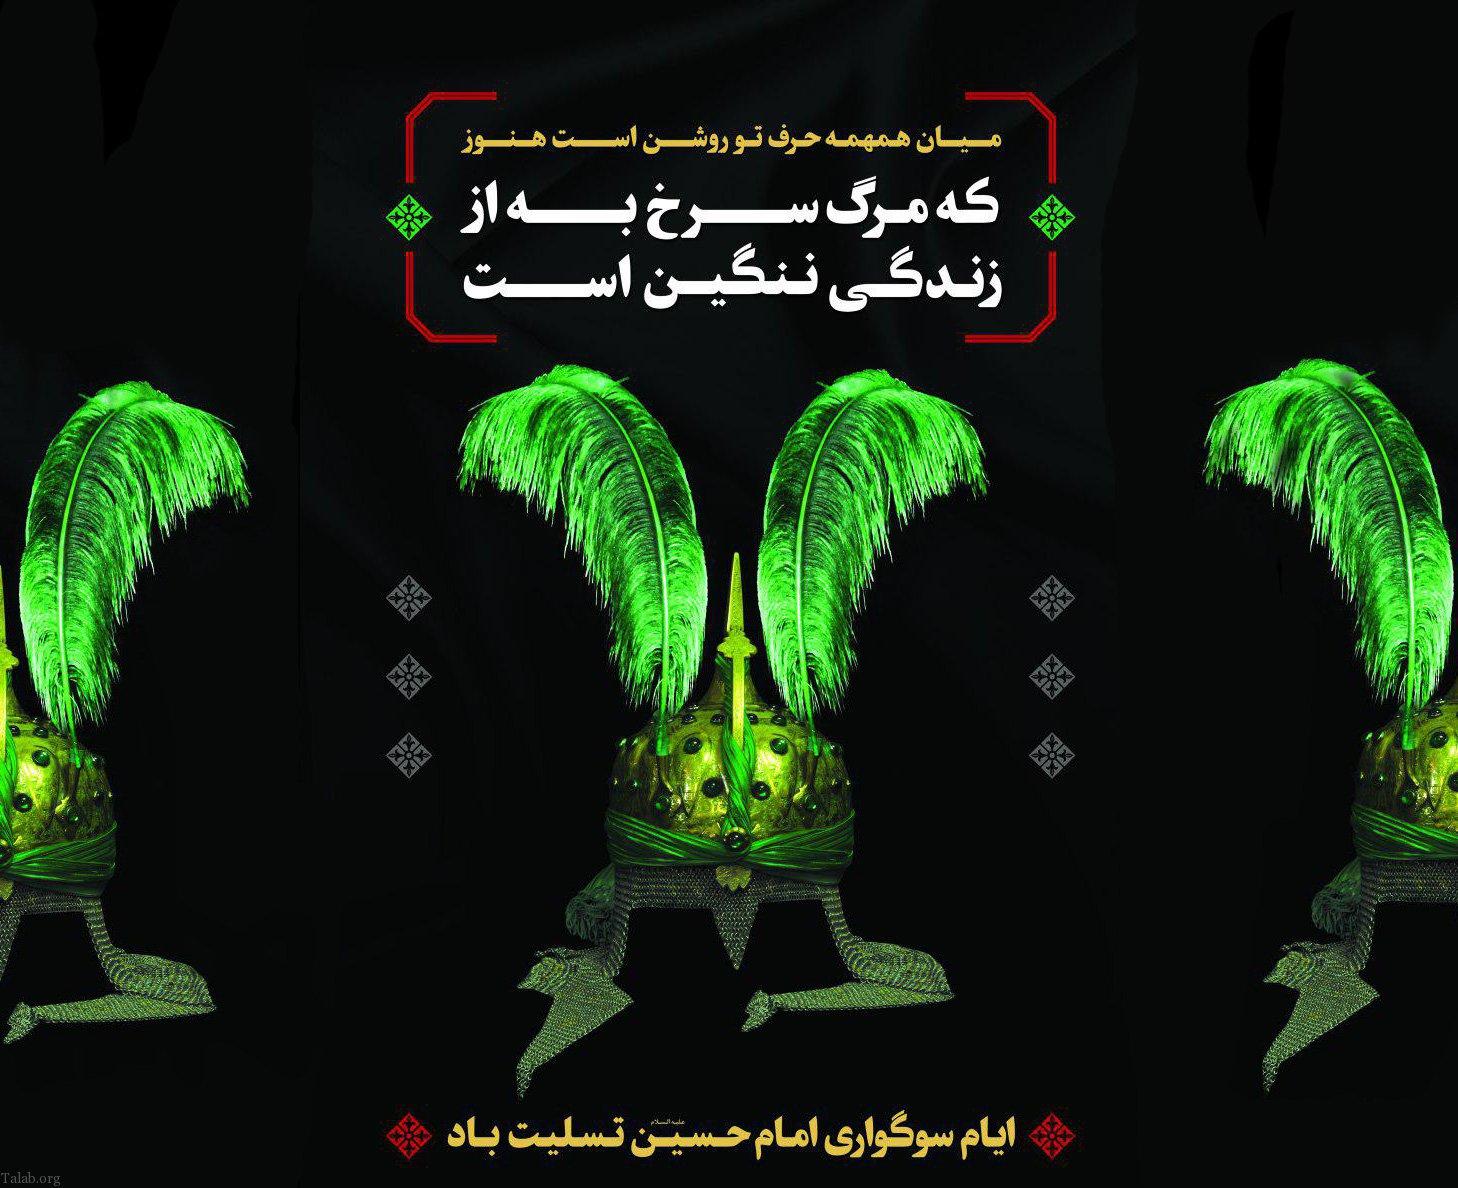 اس ام اس تسلیت شب اول محرم | متن های تسلیت دهه اول محرم